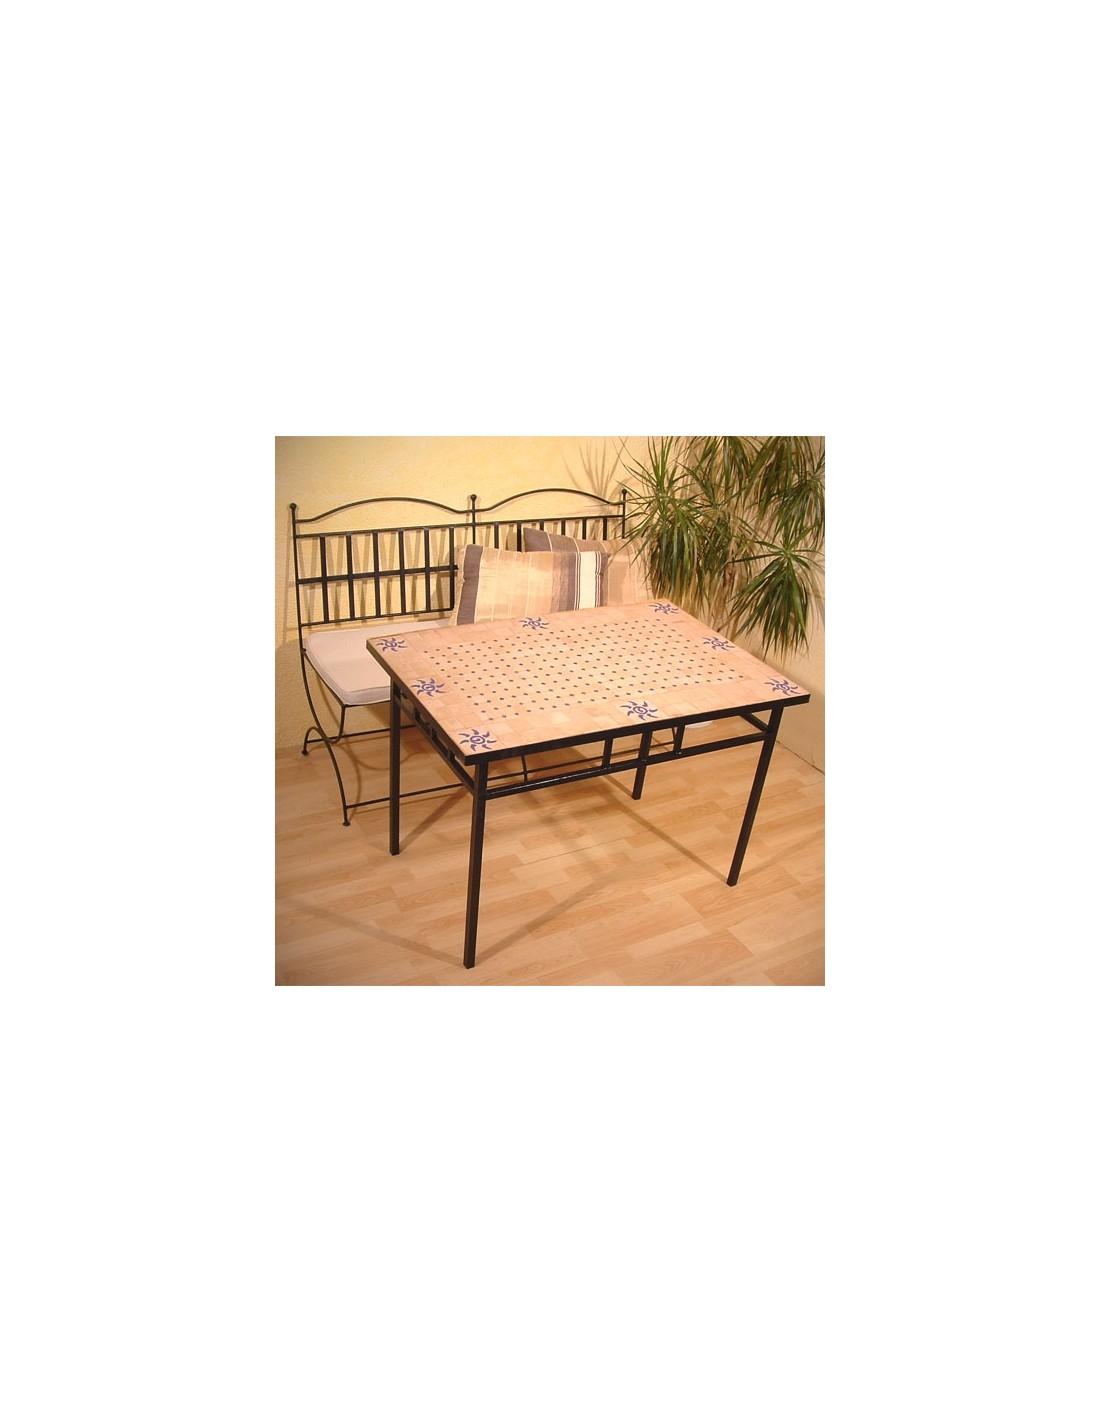 mosaiktisch azar 60x100cm in der albena marokko galerie. Black Bedroom Furniture Sets. Home Design Ideas